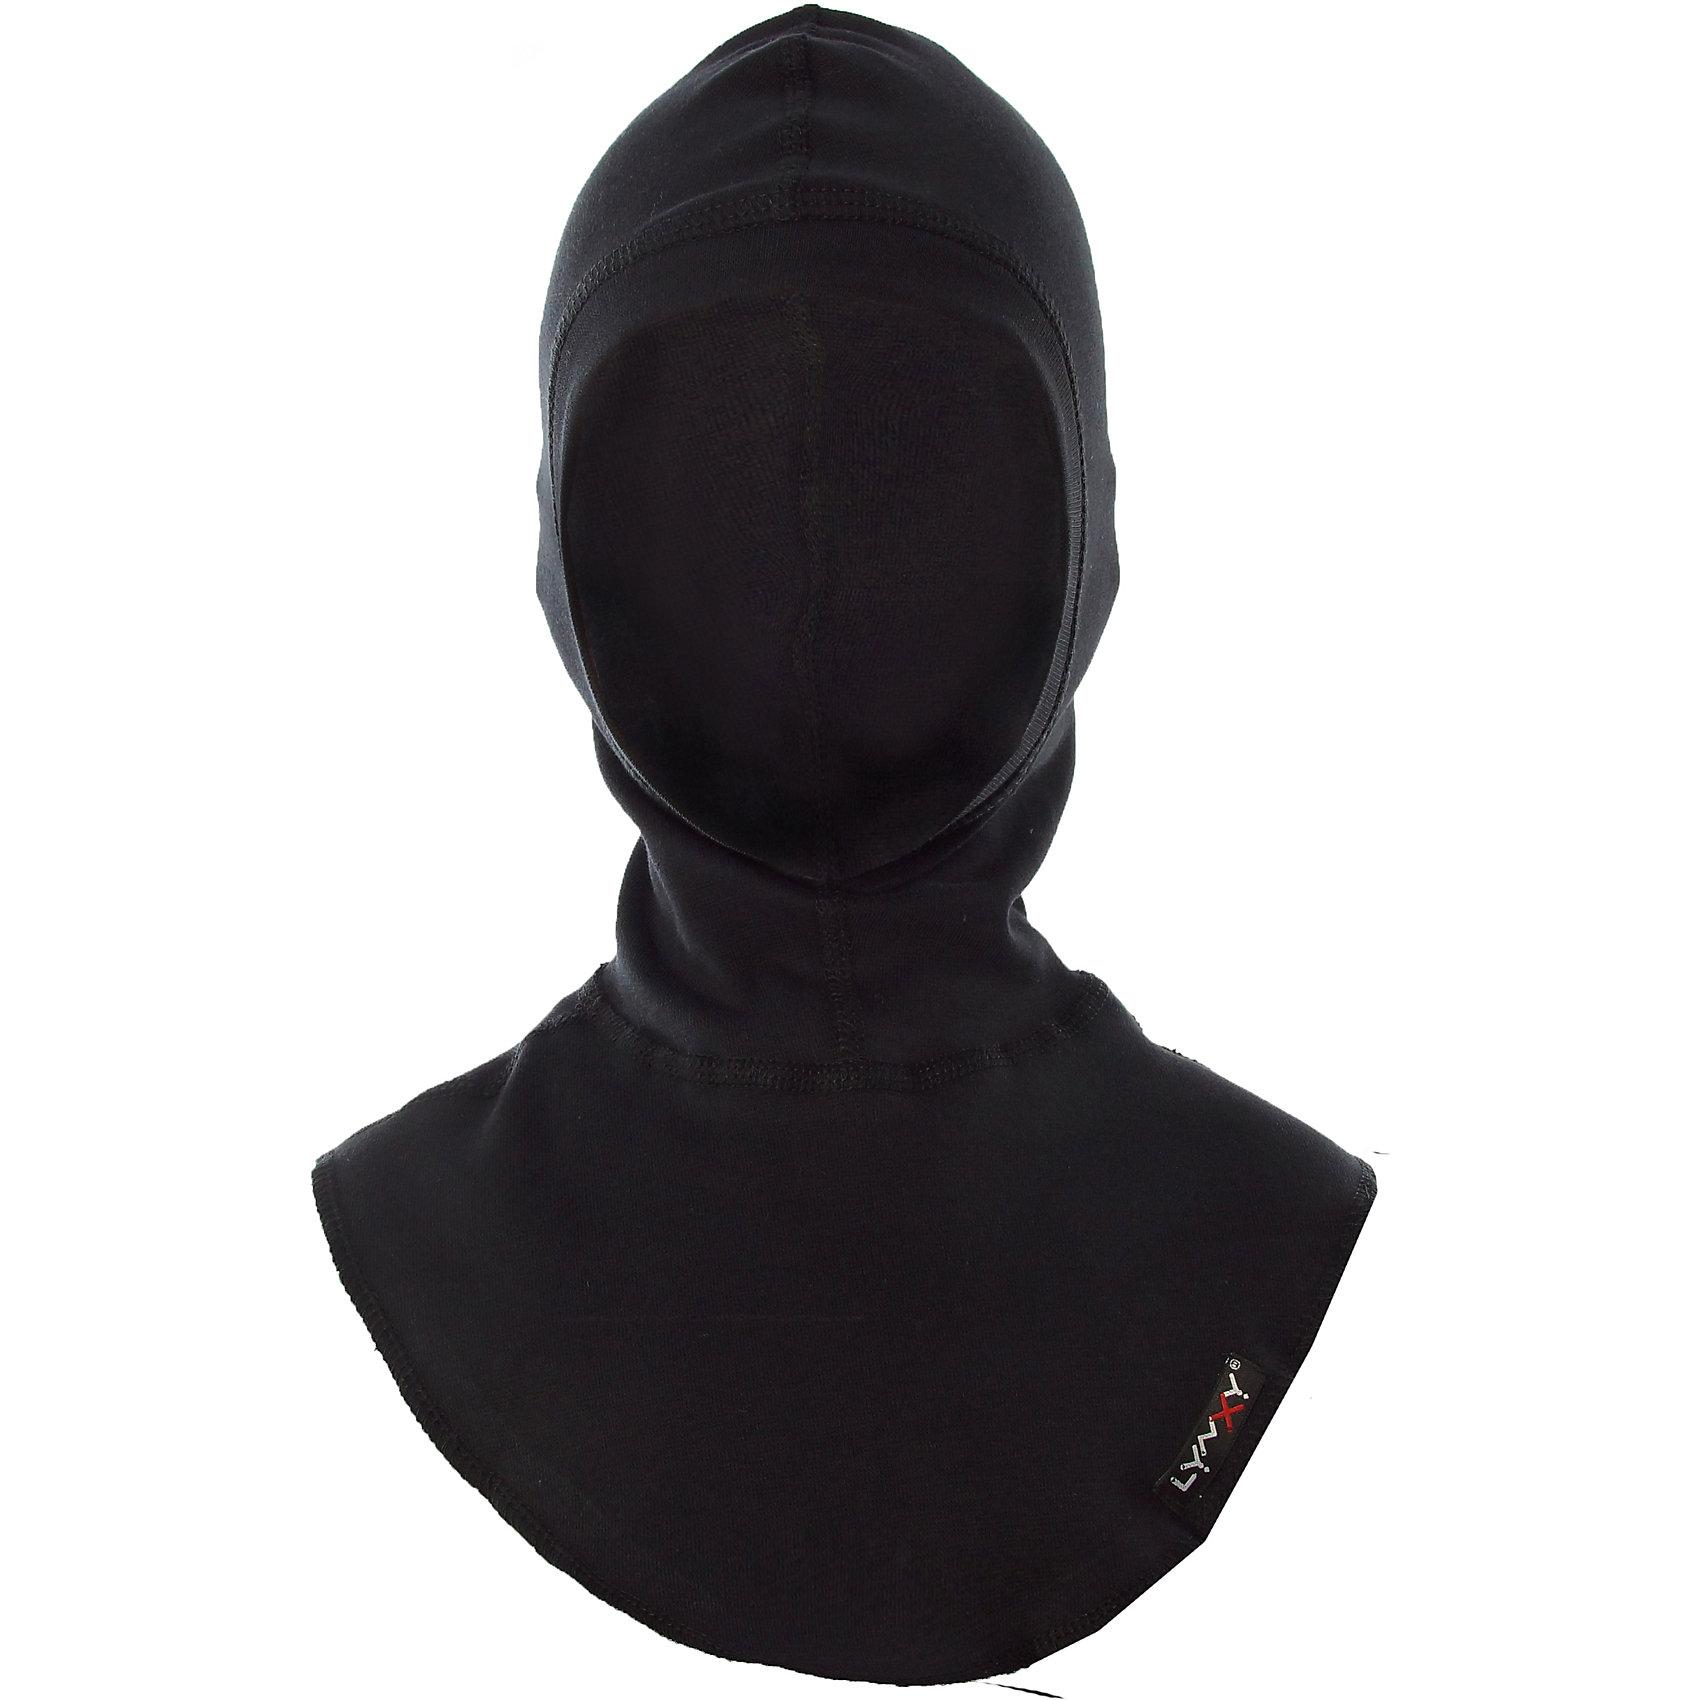 Шапка-шлем LynxyГоловные уборы<br>Характеристики товара:<br><br>• цвет: черный<br>• состав ткани: 95% полиэстер, 5% вискоза <br>• подкладка: нет<br>• сезон: зима<br>• температурный режим: от -30 до 0<br>• страна бренда: Россия<br>• страна изготовитель: Россия<br><br>Практичная черная шапка-шлем для детей - удобная деталь для создания ребенку комфортных условий. Эта шапка-шлем для ребенка сделана из инновационной ткани Trevira, мягкой и приятной на ощупь. Детская шапка-шлем стильно смотрится и удобно сидит. <br><br>Шапку-шлем Lynxy (Линкси) можно купить в нашем интернет-магазине.<br><br>Ширина мм: 89<br>Глубина мм: 117<br>Высота мм: 44<br>Вес г: 155<br>Цвет: черный<br>Возраст от месяцев: 96<br>Возраст до месяцев: 120<br>Пол: Унисекс<br>Возраст: Детский<br>Размер: 56,52,54<br>SKU: 7079786